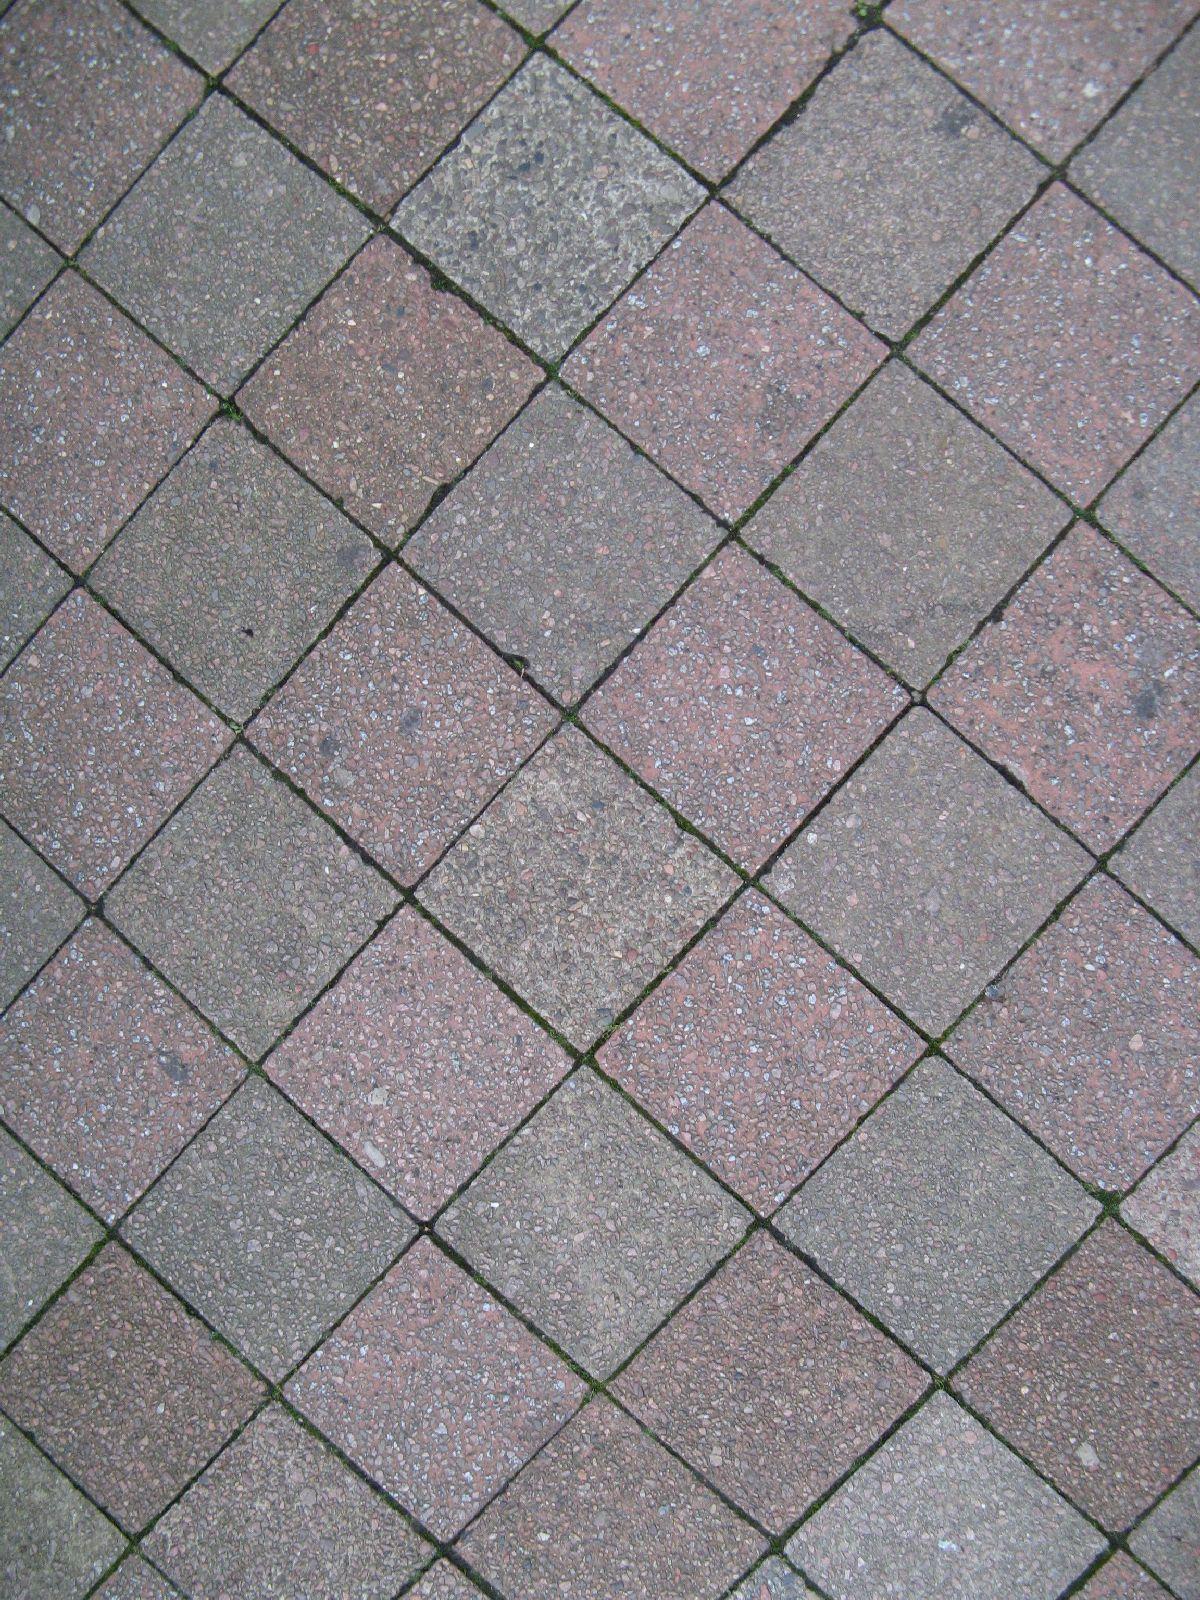 Ground-Urban_Texture_B_0631